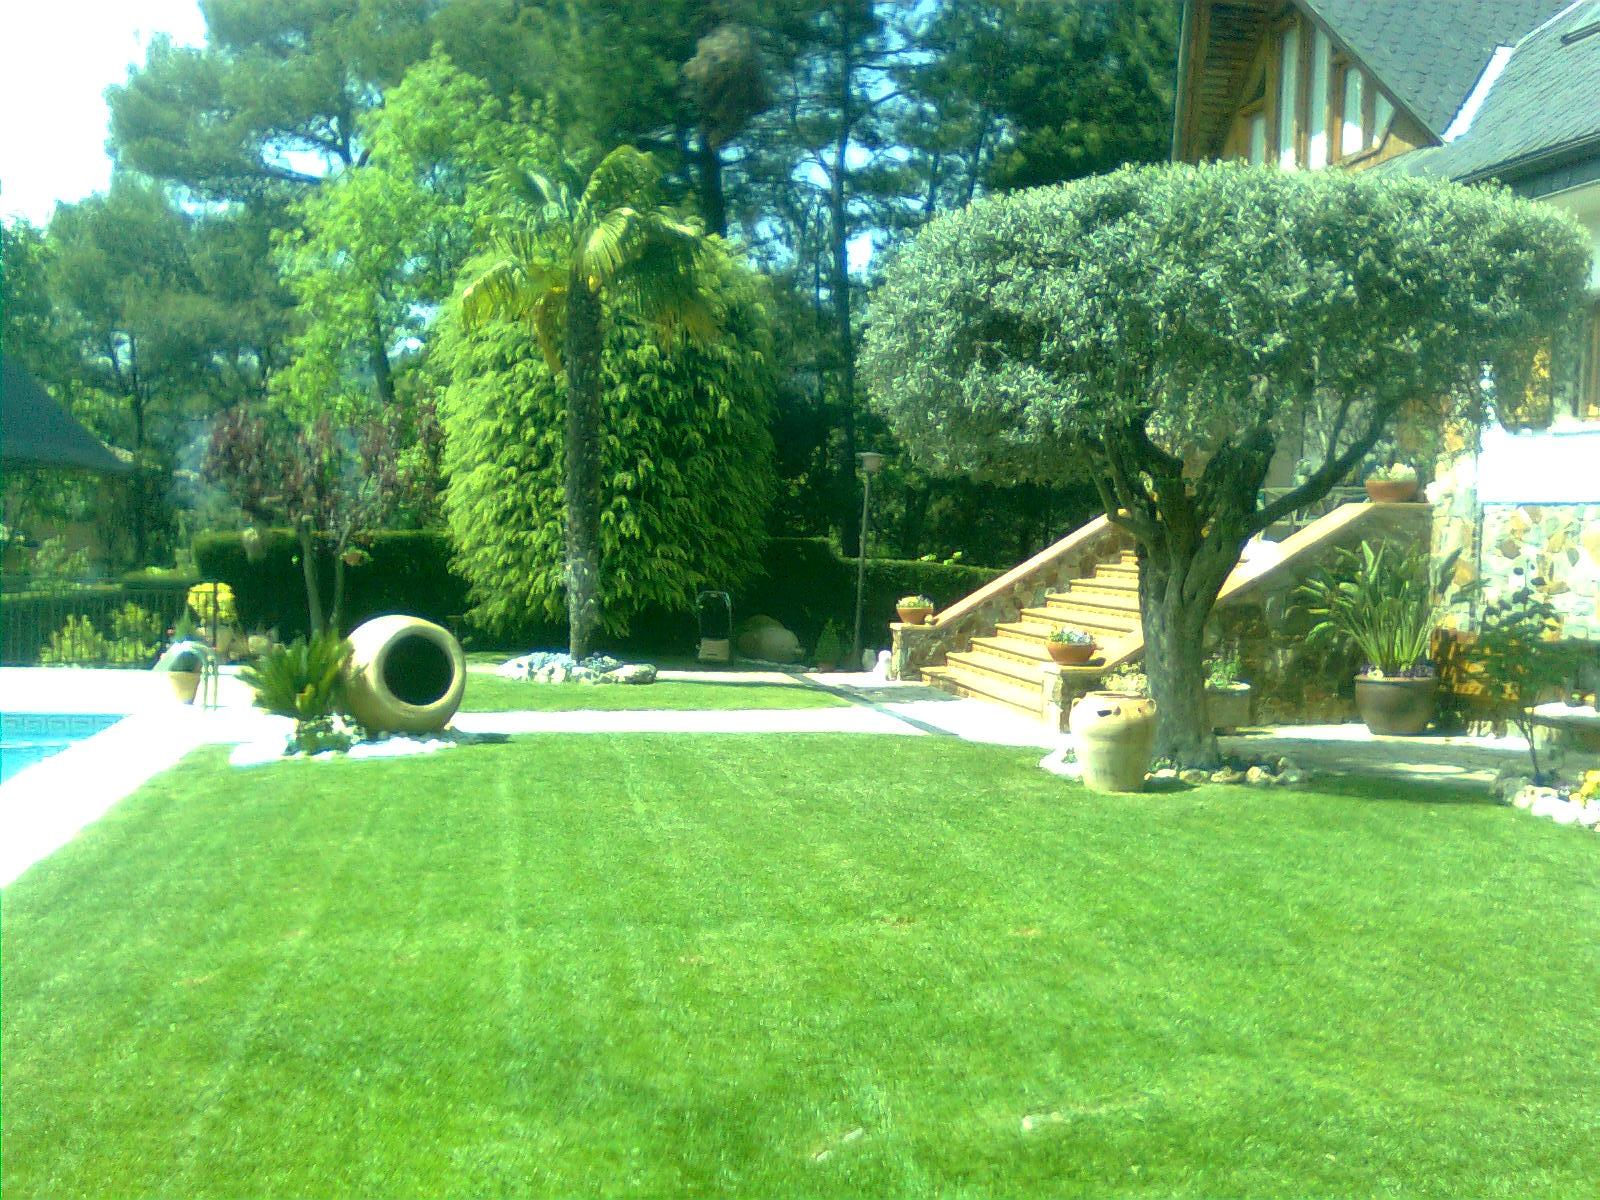 Mantenimiento de jardines albanatura for Mantenimiento de jardines